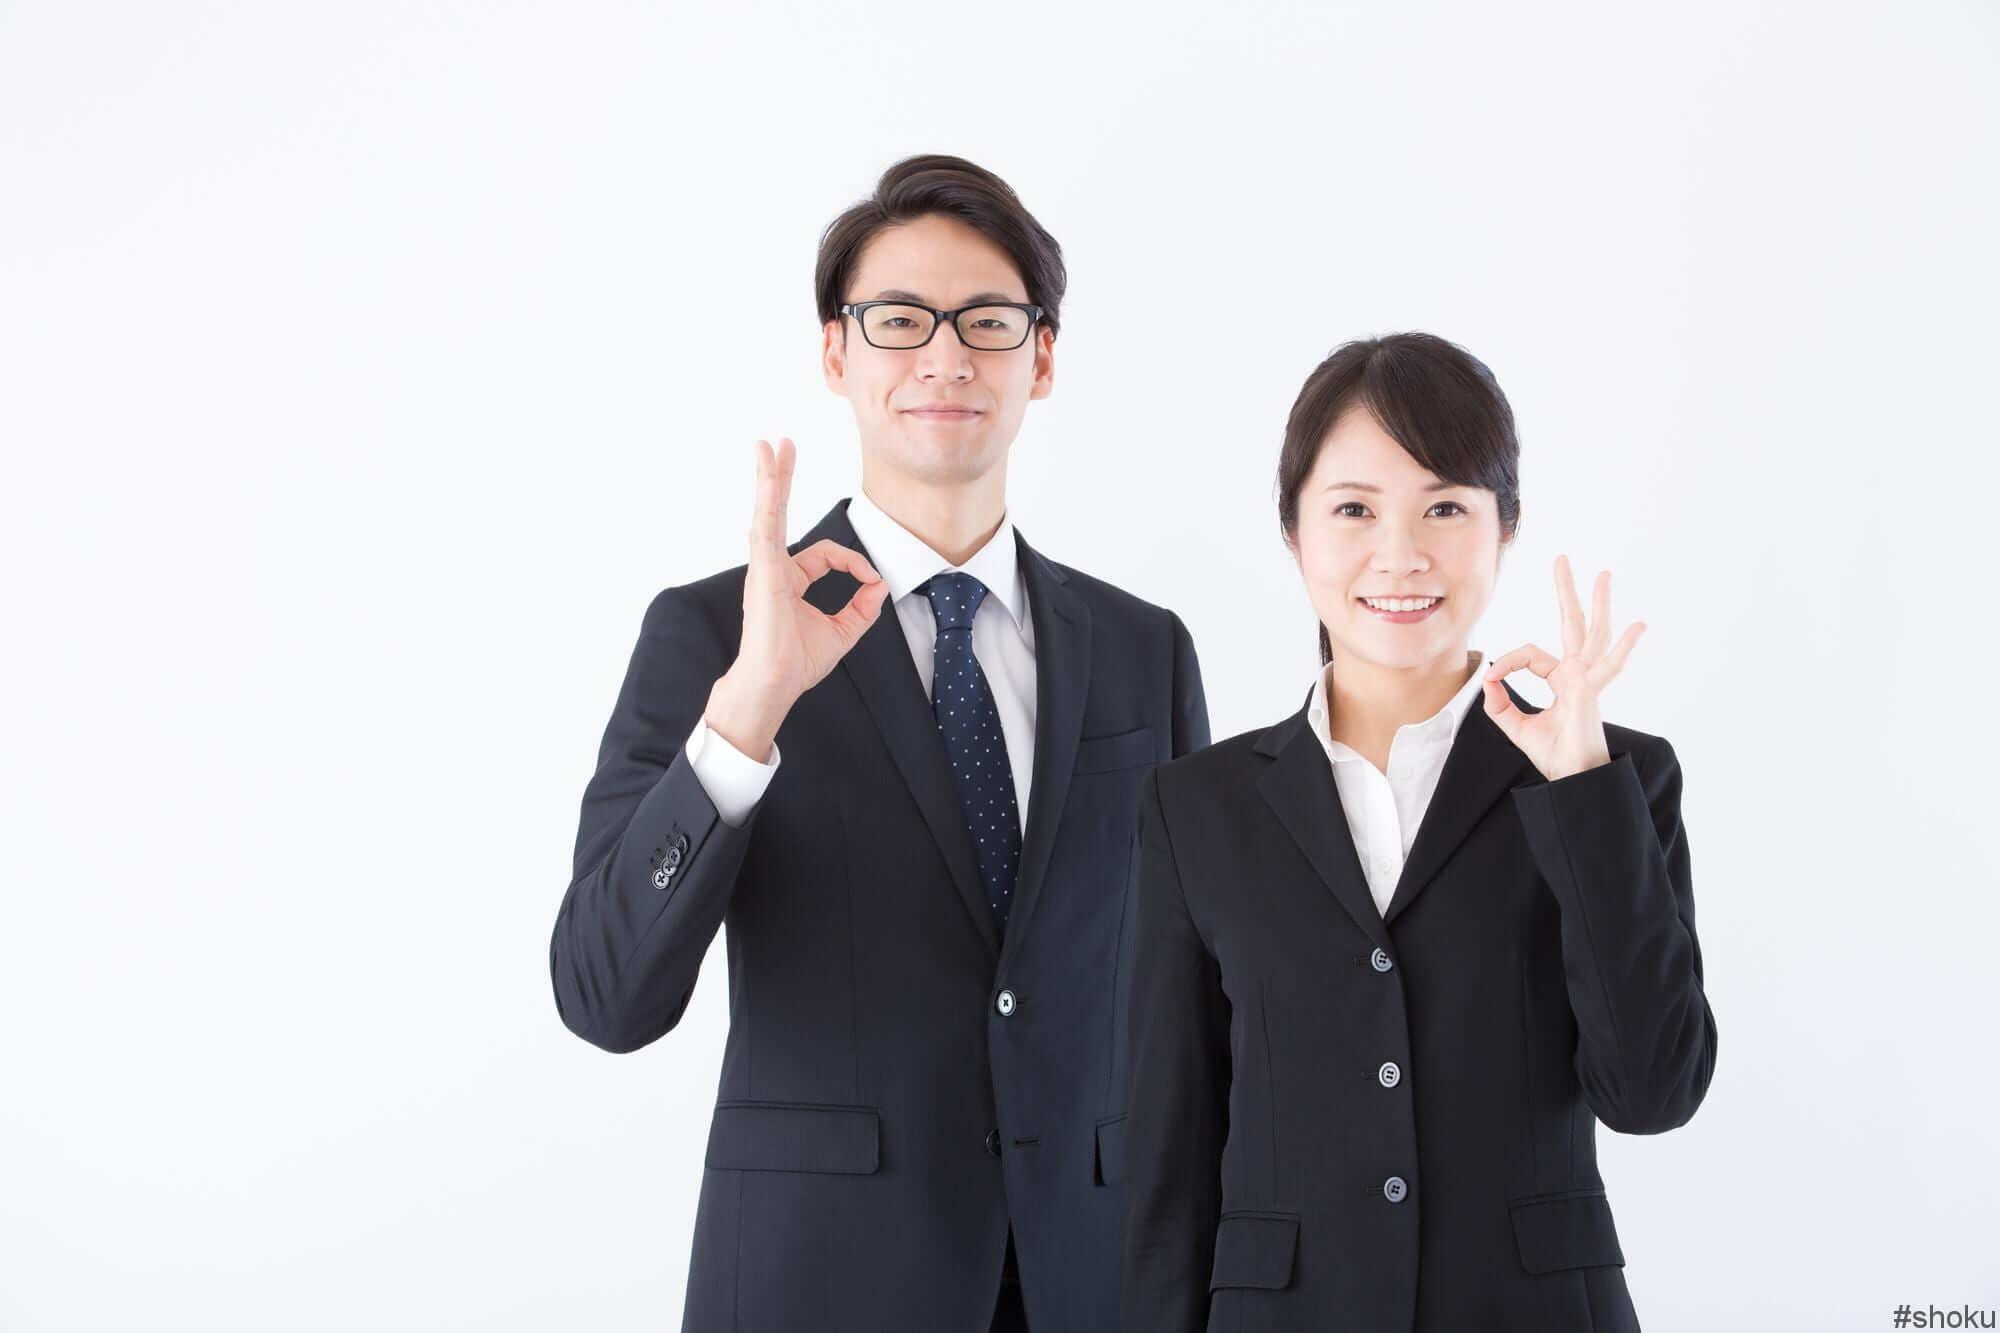 転職エージェントを上手に利用して、福岡で円滑な転職活動を!と勧める男女